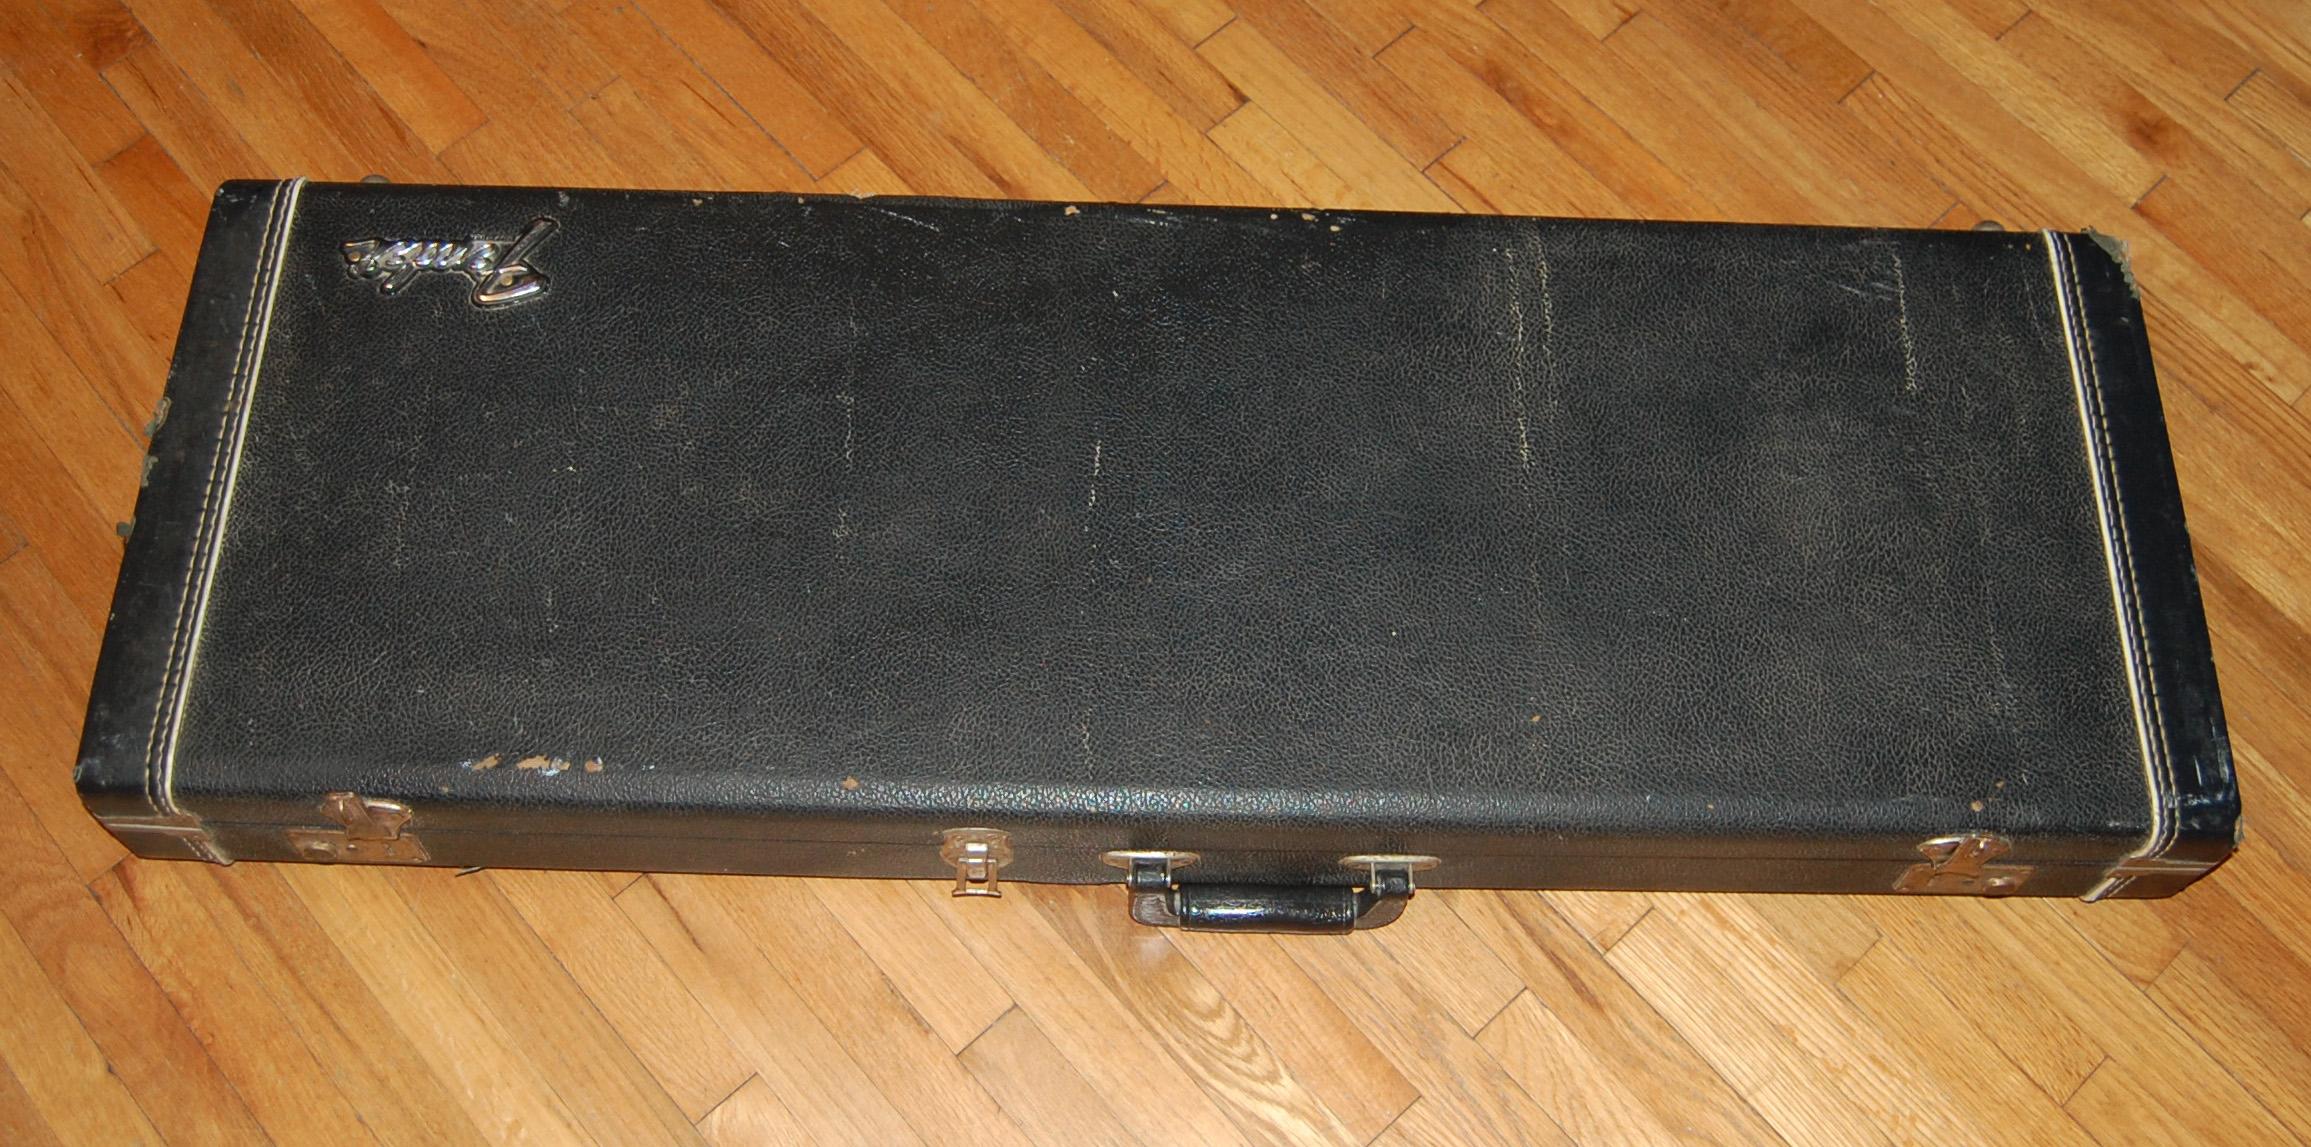 1978 tele case